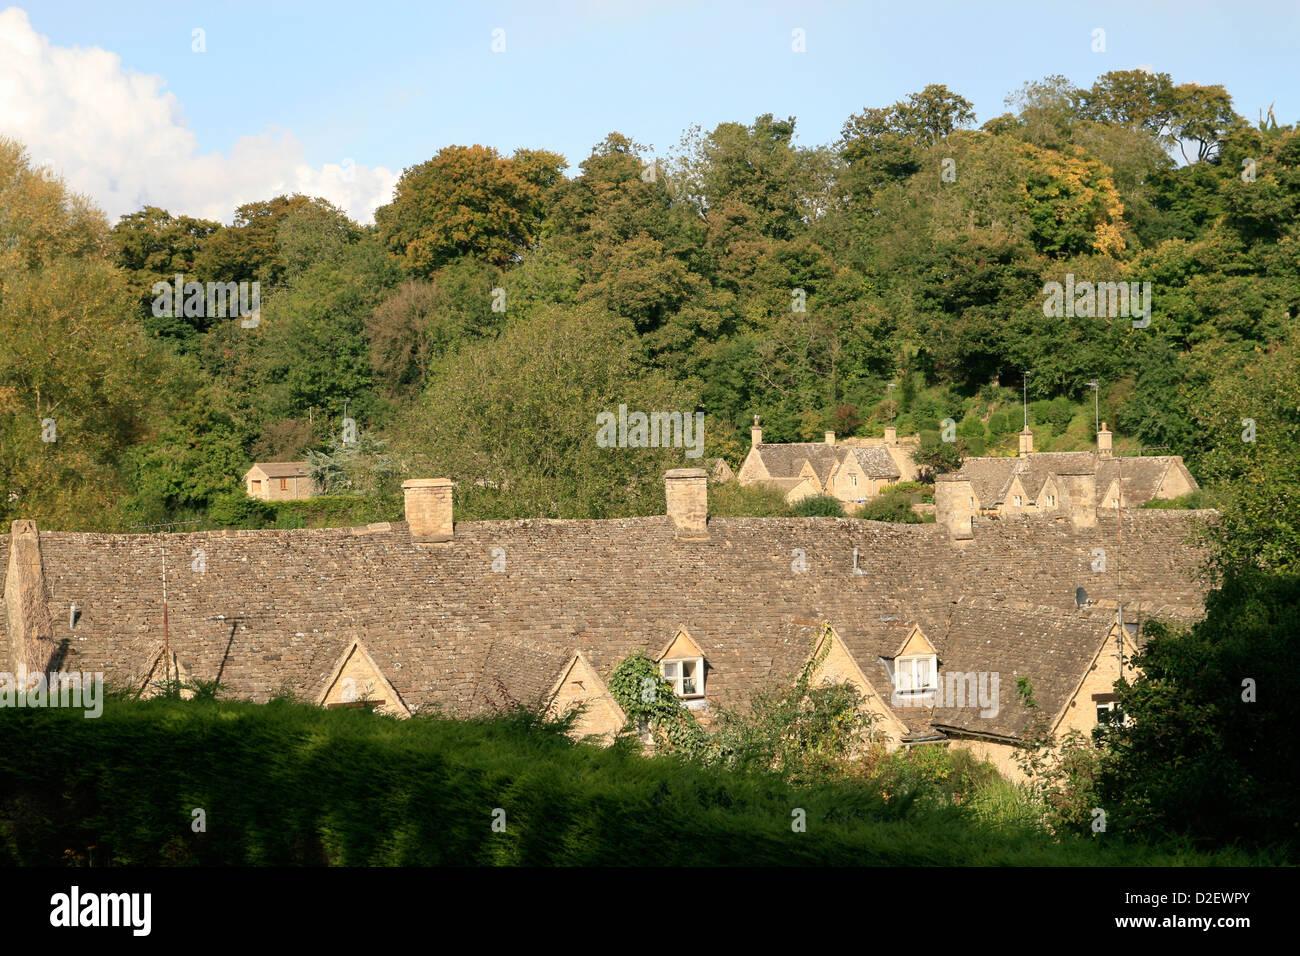 Arlington Row cottages rooftops Bibury Gloucestershire England UK - Stock Image